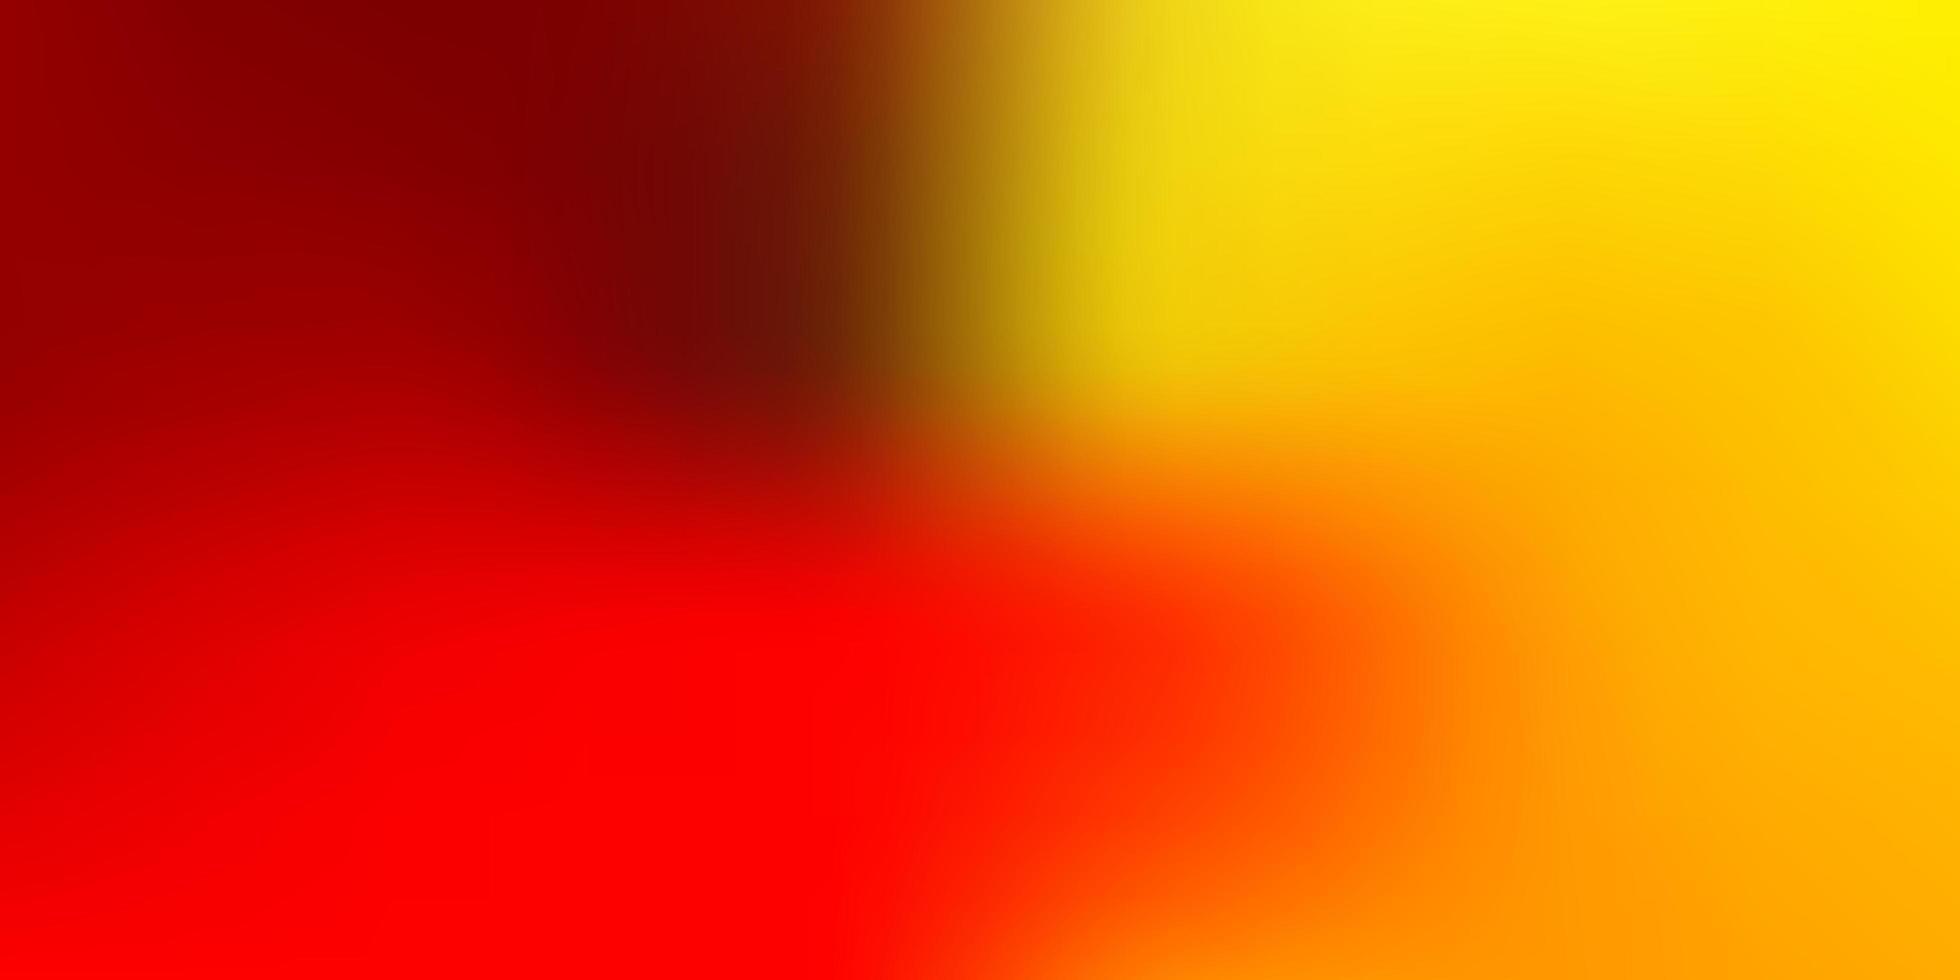 mise en page flou rouge clair, jaune. vecteur